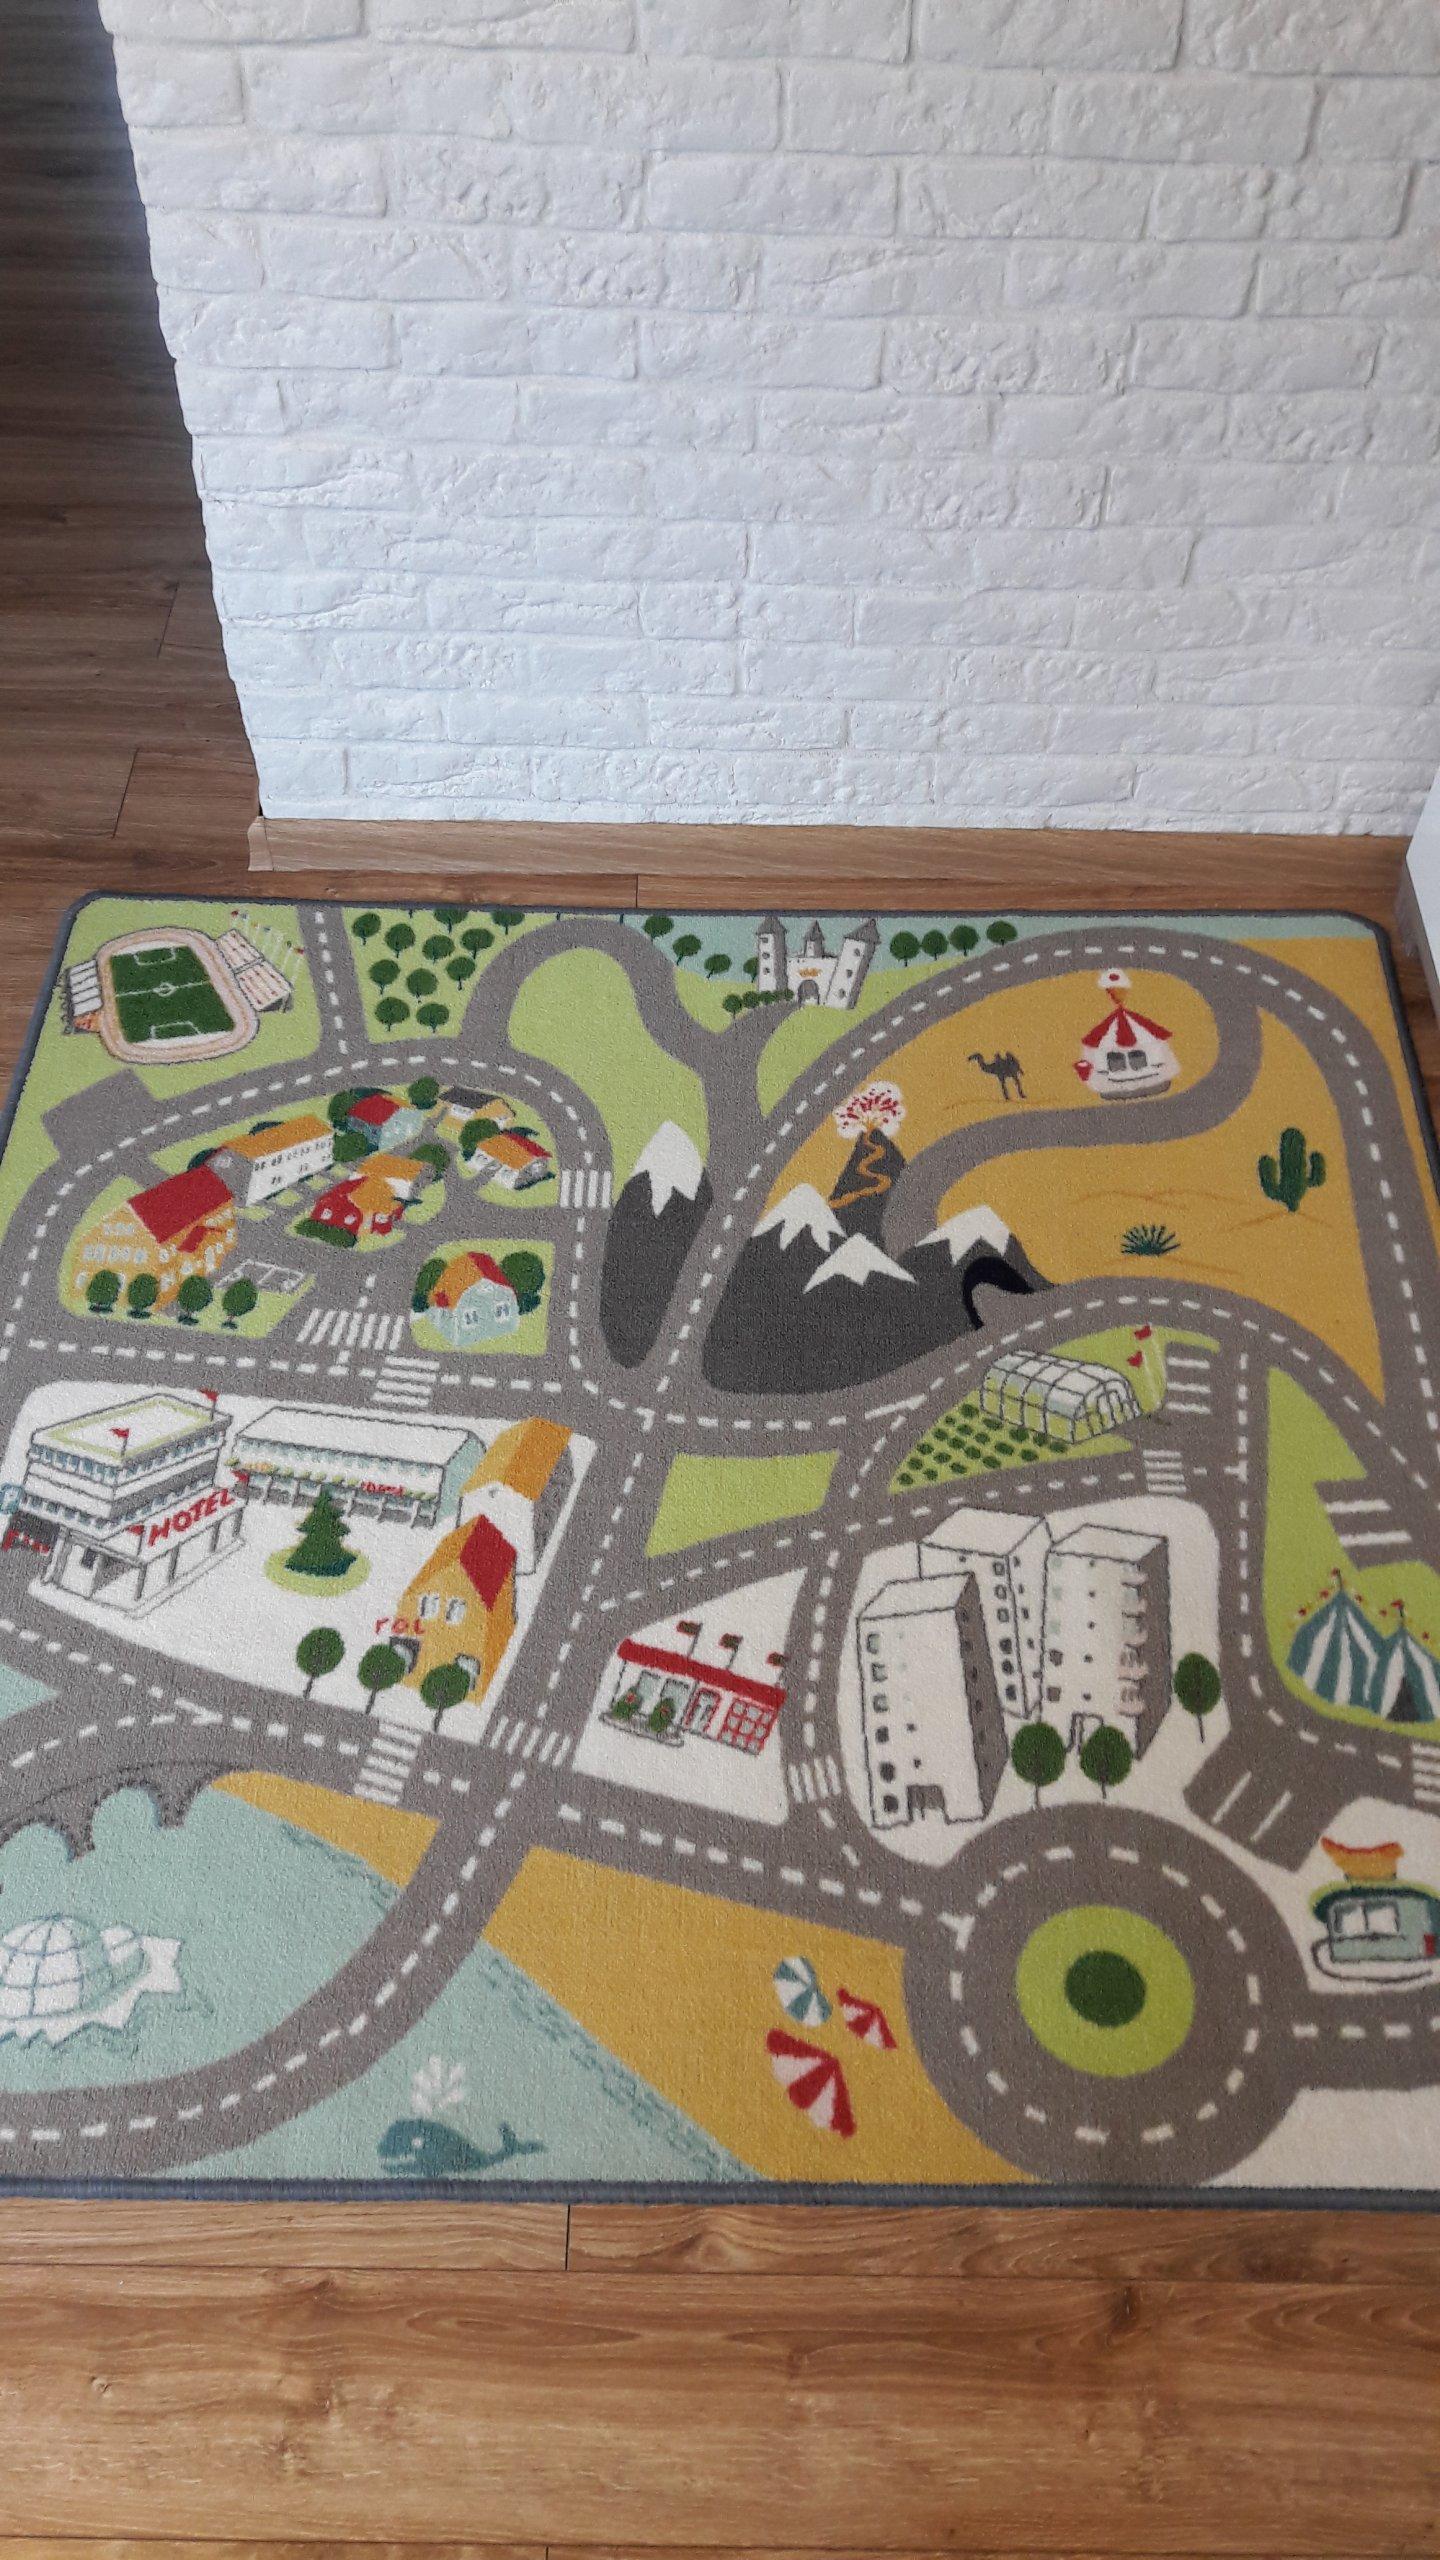 Ikea Lekplats Dywan Dziecięcy Jak Nowy Drogi Ulice 7114819636